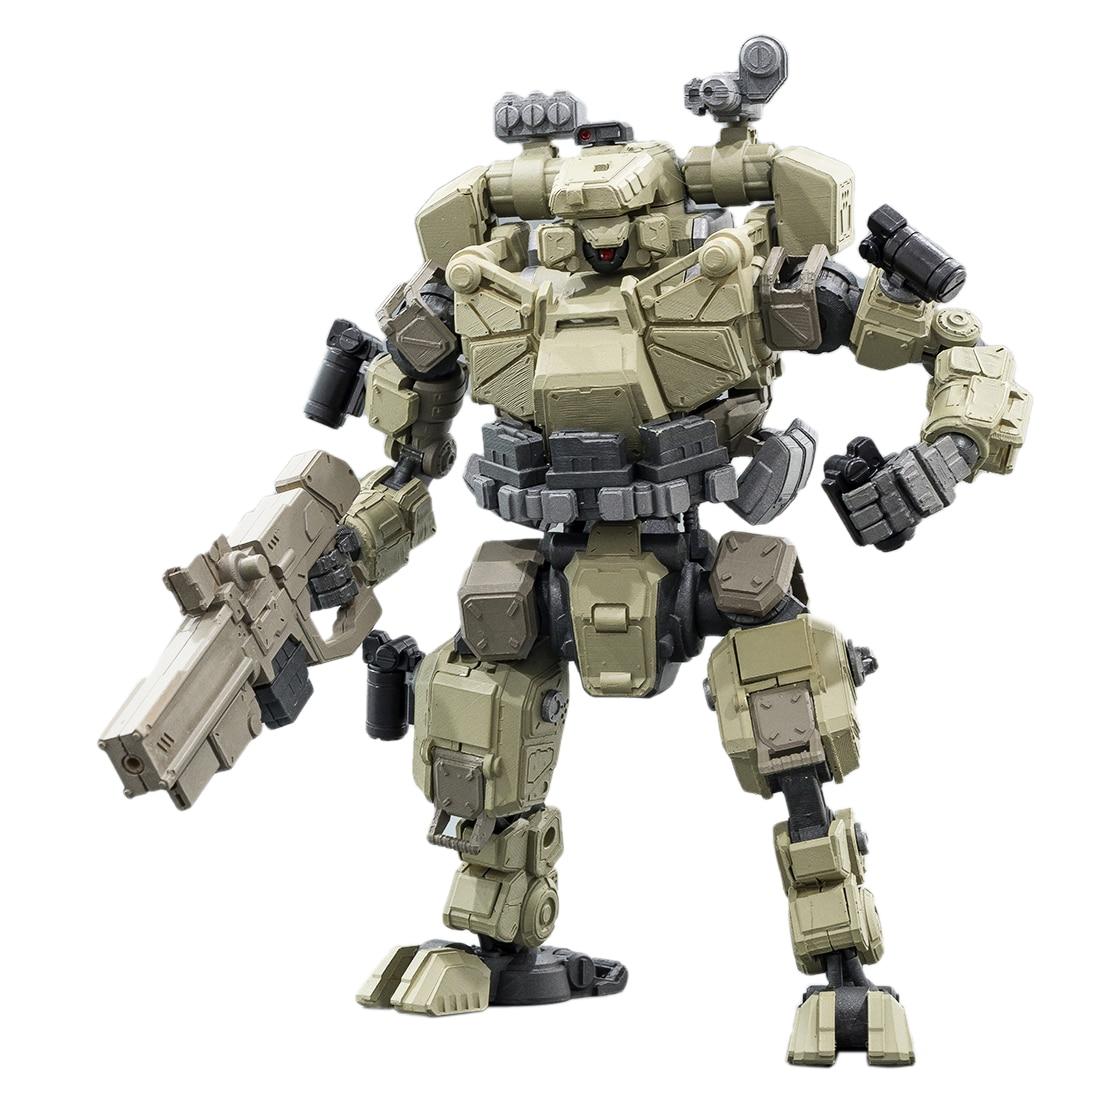 1/6 échelle bricolage grand Mecha Action Figure jouets assaut assorti couleur assemblage fin soldat modèle ensemble cadeau présent pour les Fans de Mech